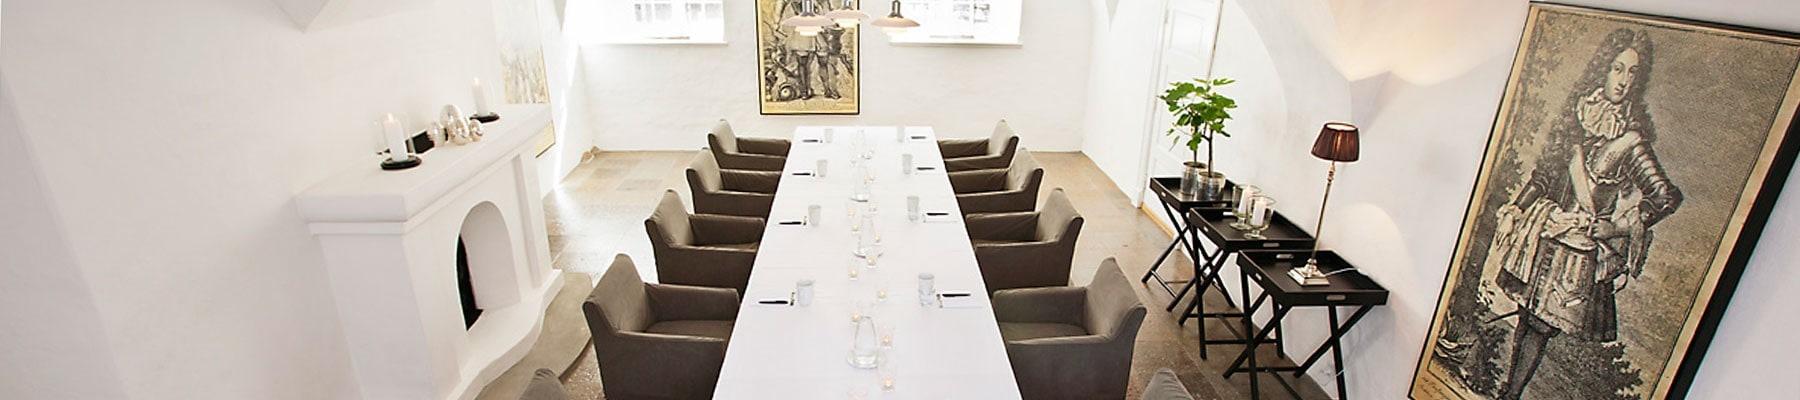 Konference i Nyborg